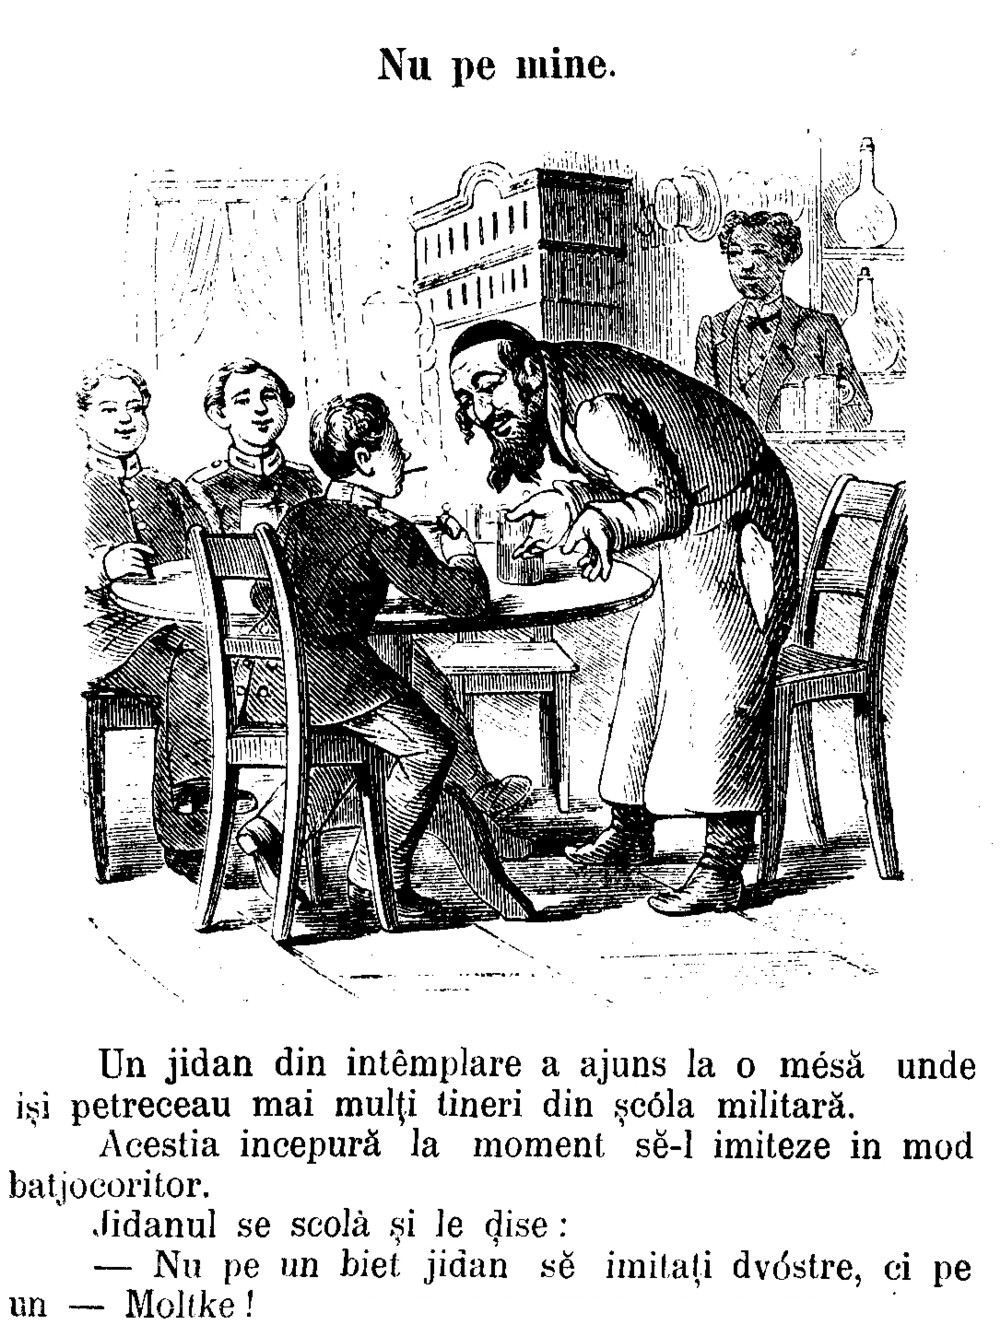 1884 Nu pe mine